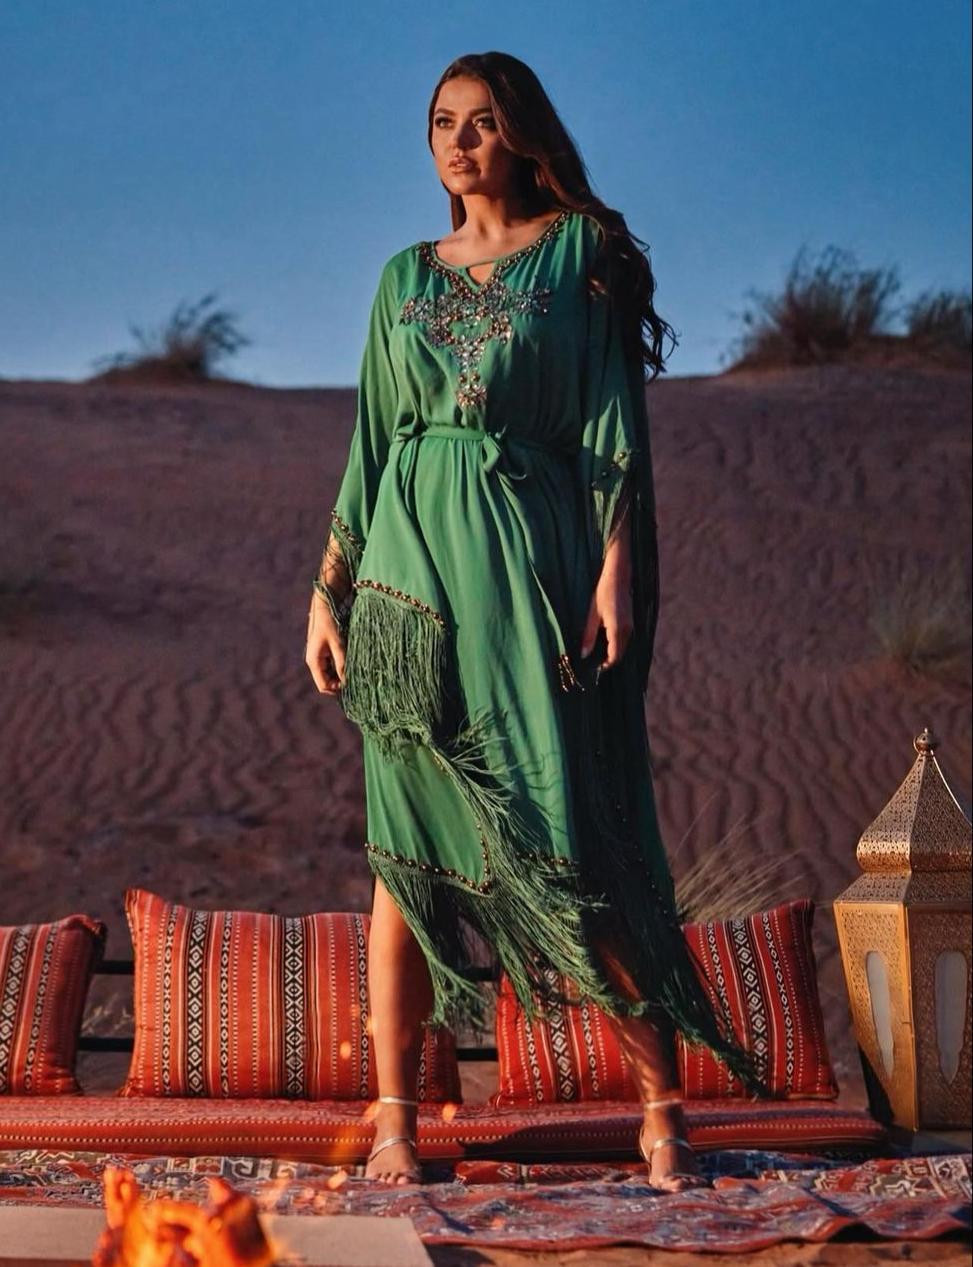 لين أبو شعر بالفستان الأخضر -الصورة من حسابها على الانستغرام